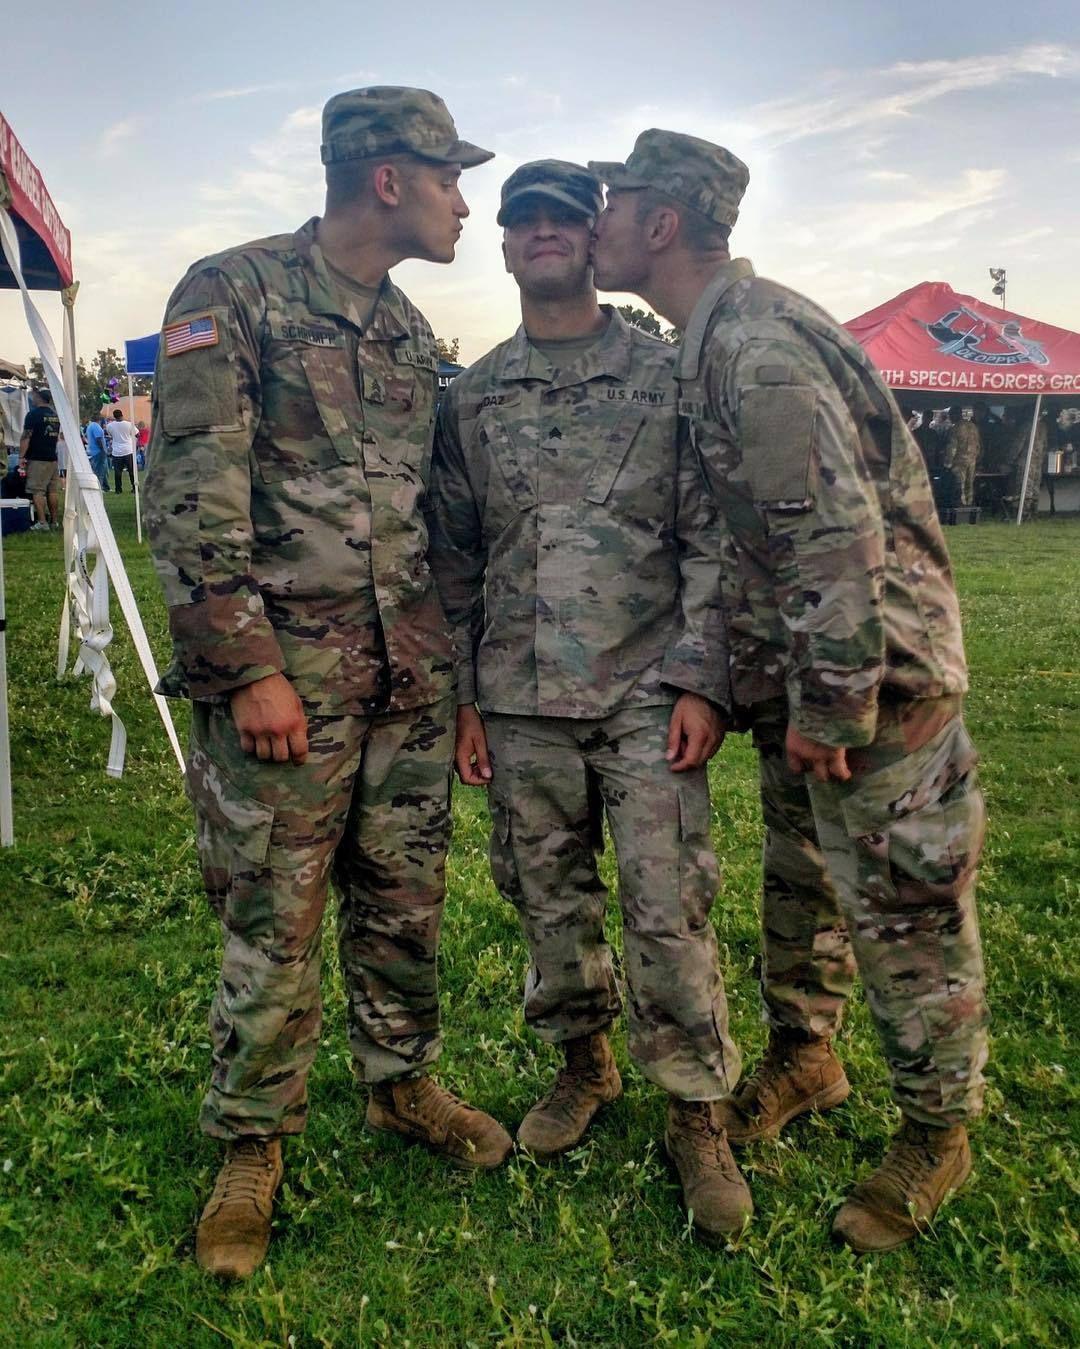 Soldaten Uniform